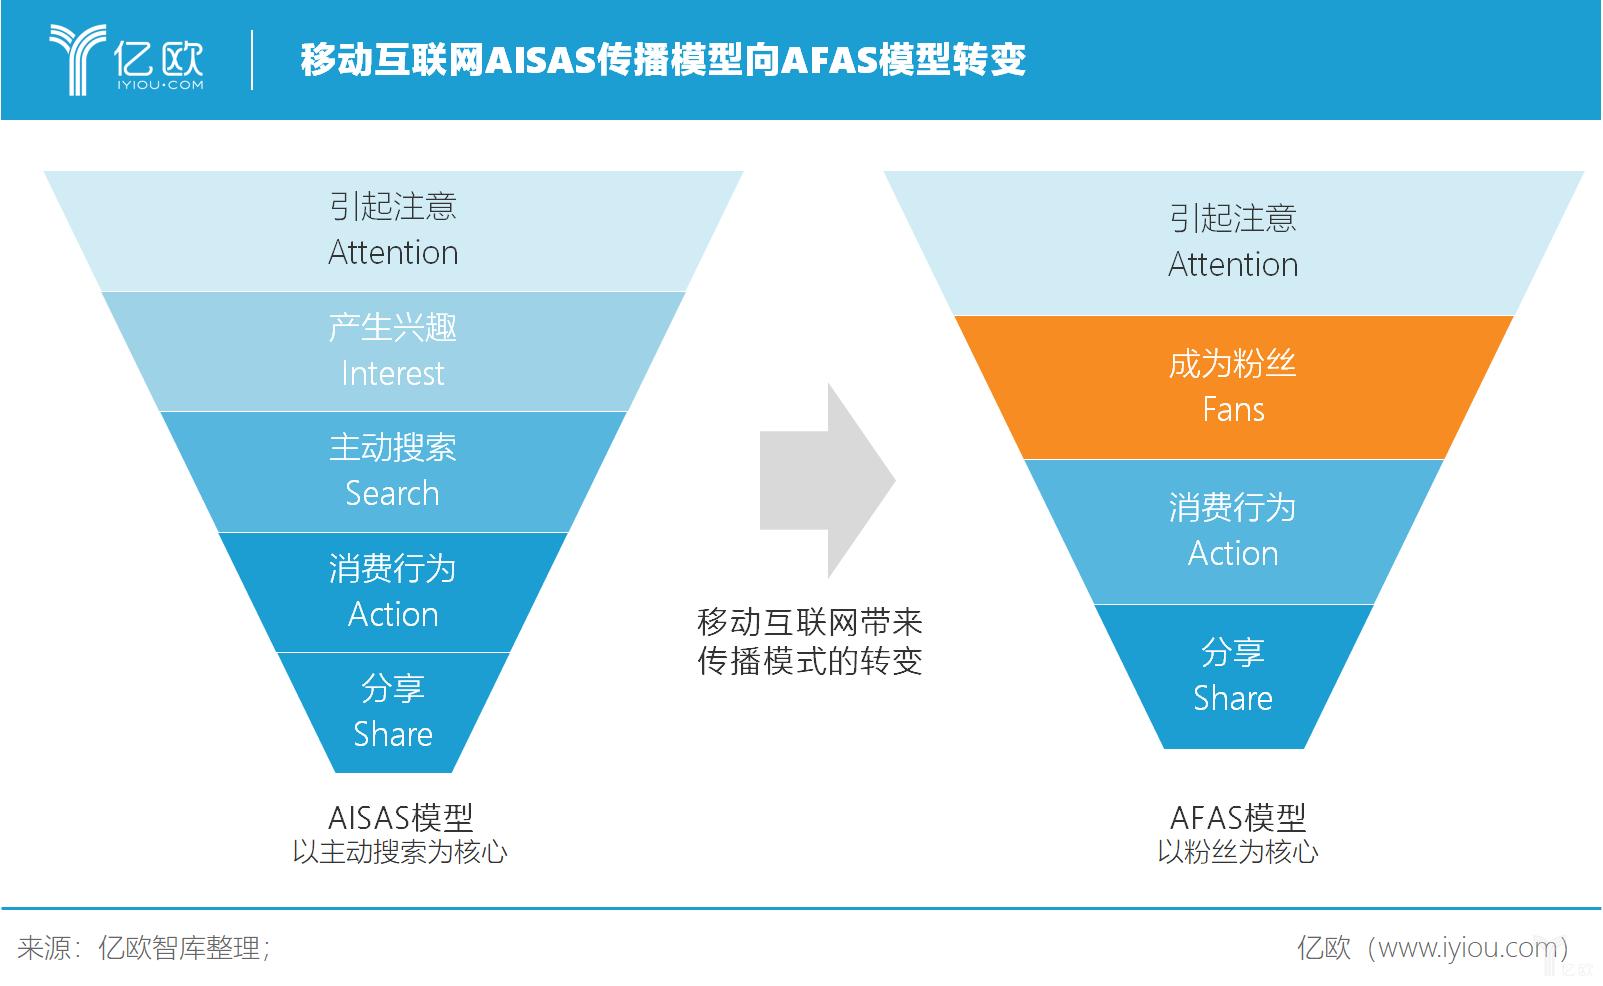 亿欧智库:移动互联网使AISAS传播模型向AFAS模型转变